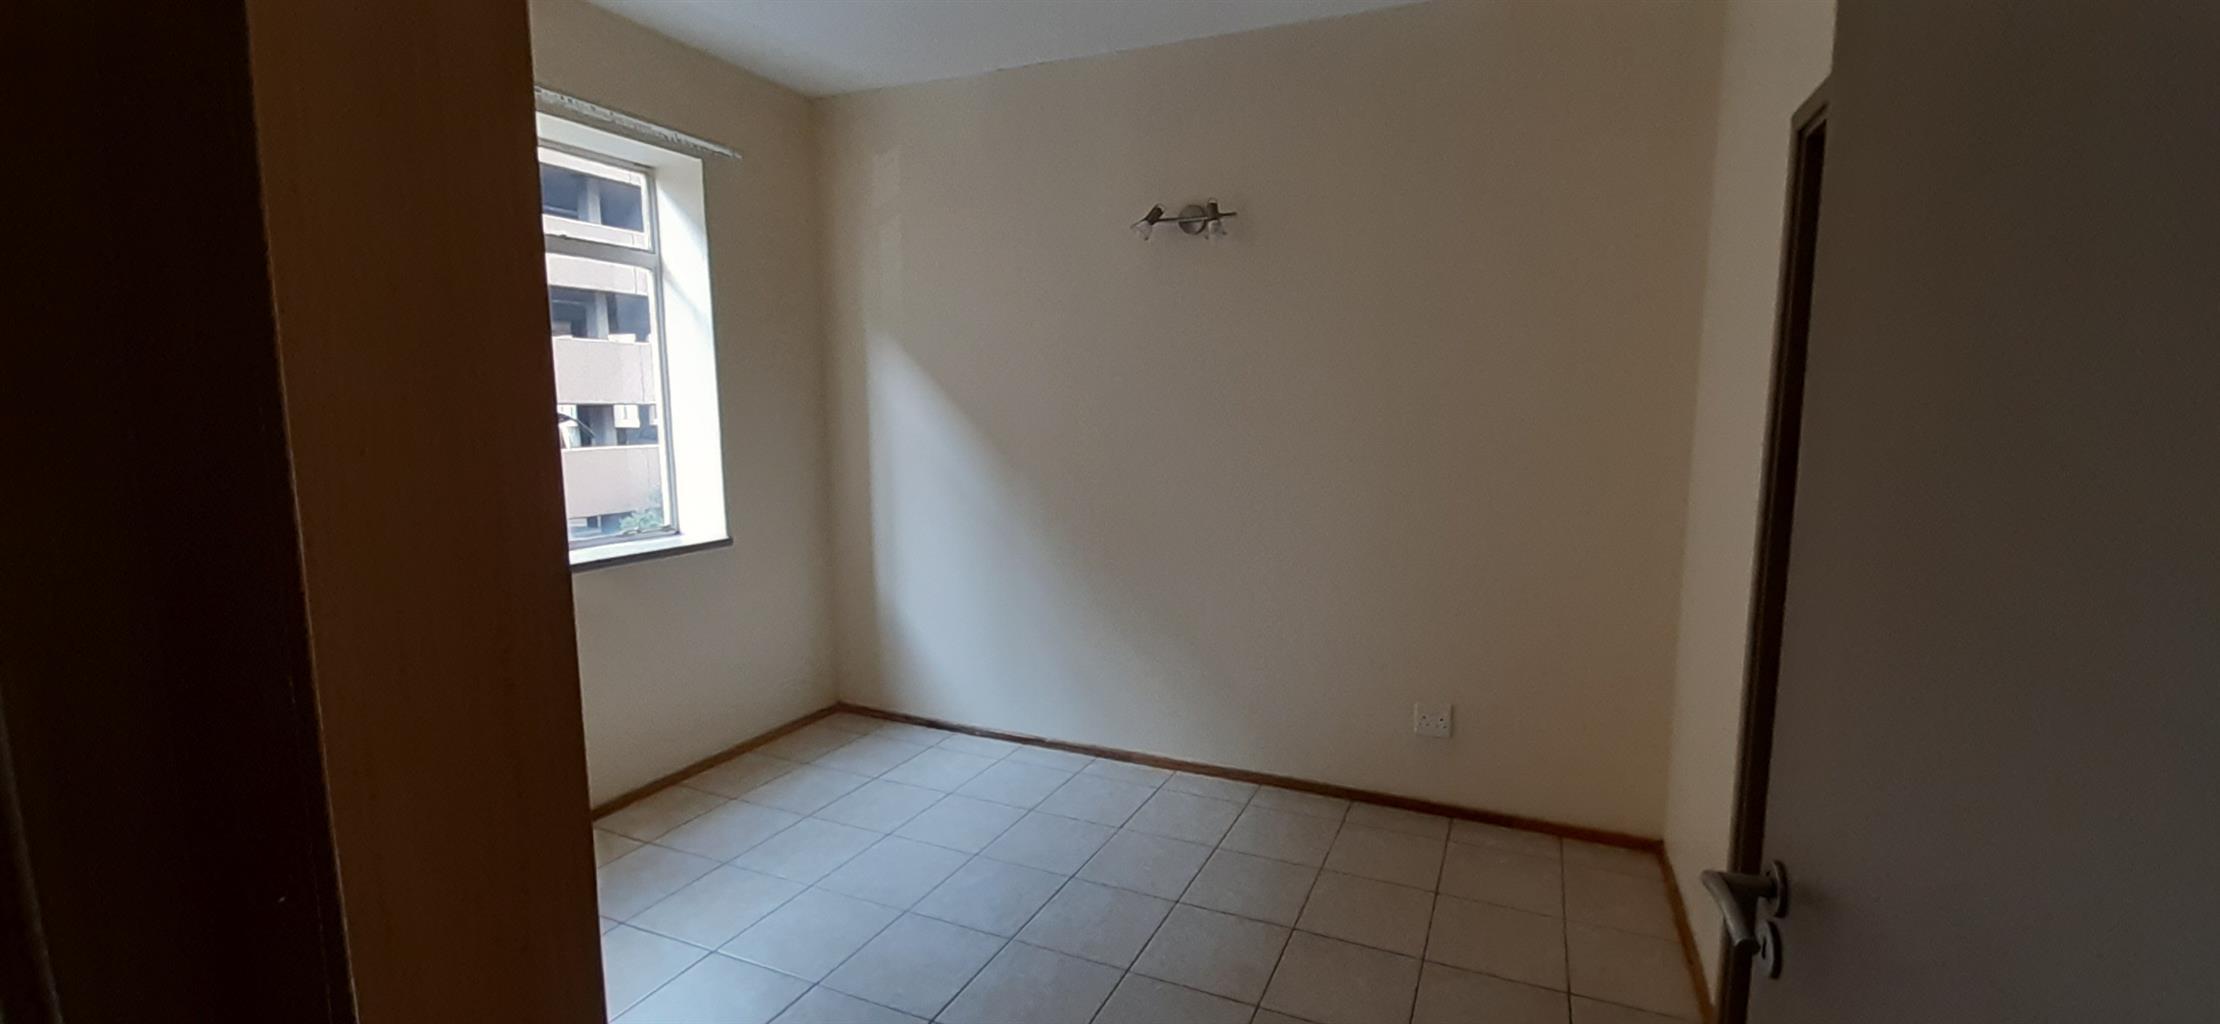 Modern Finish 1 Bedroom Apartment Johannesburg Marshalltown Deposit Free